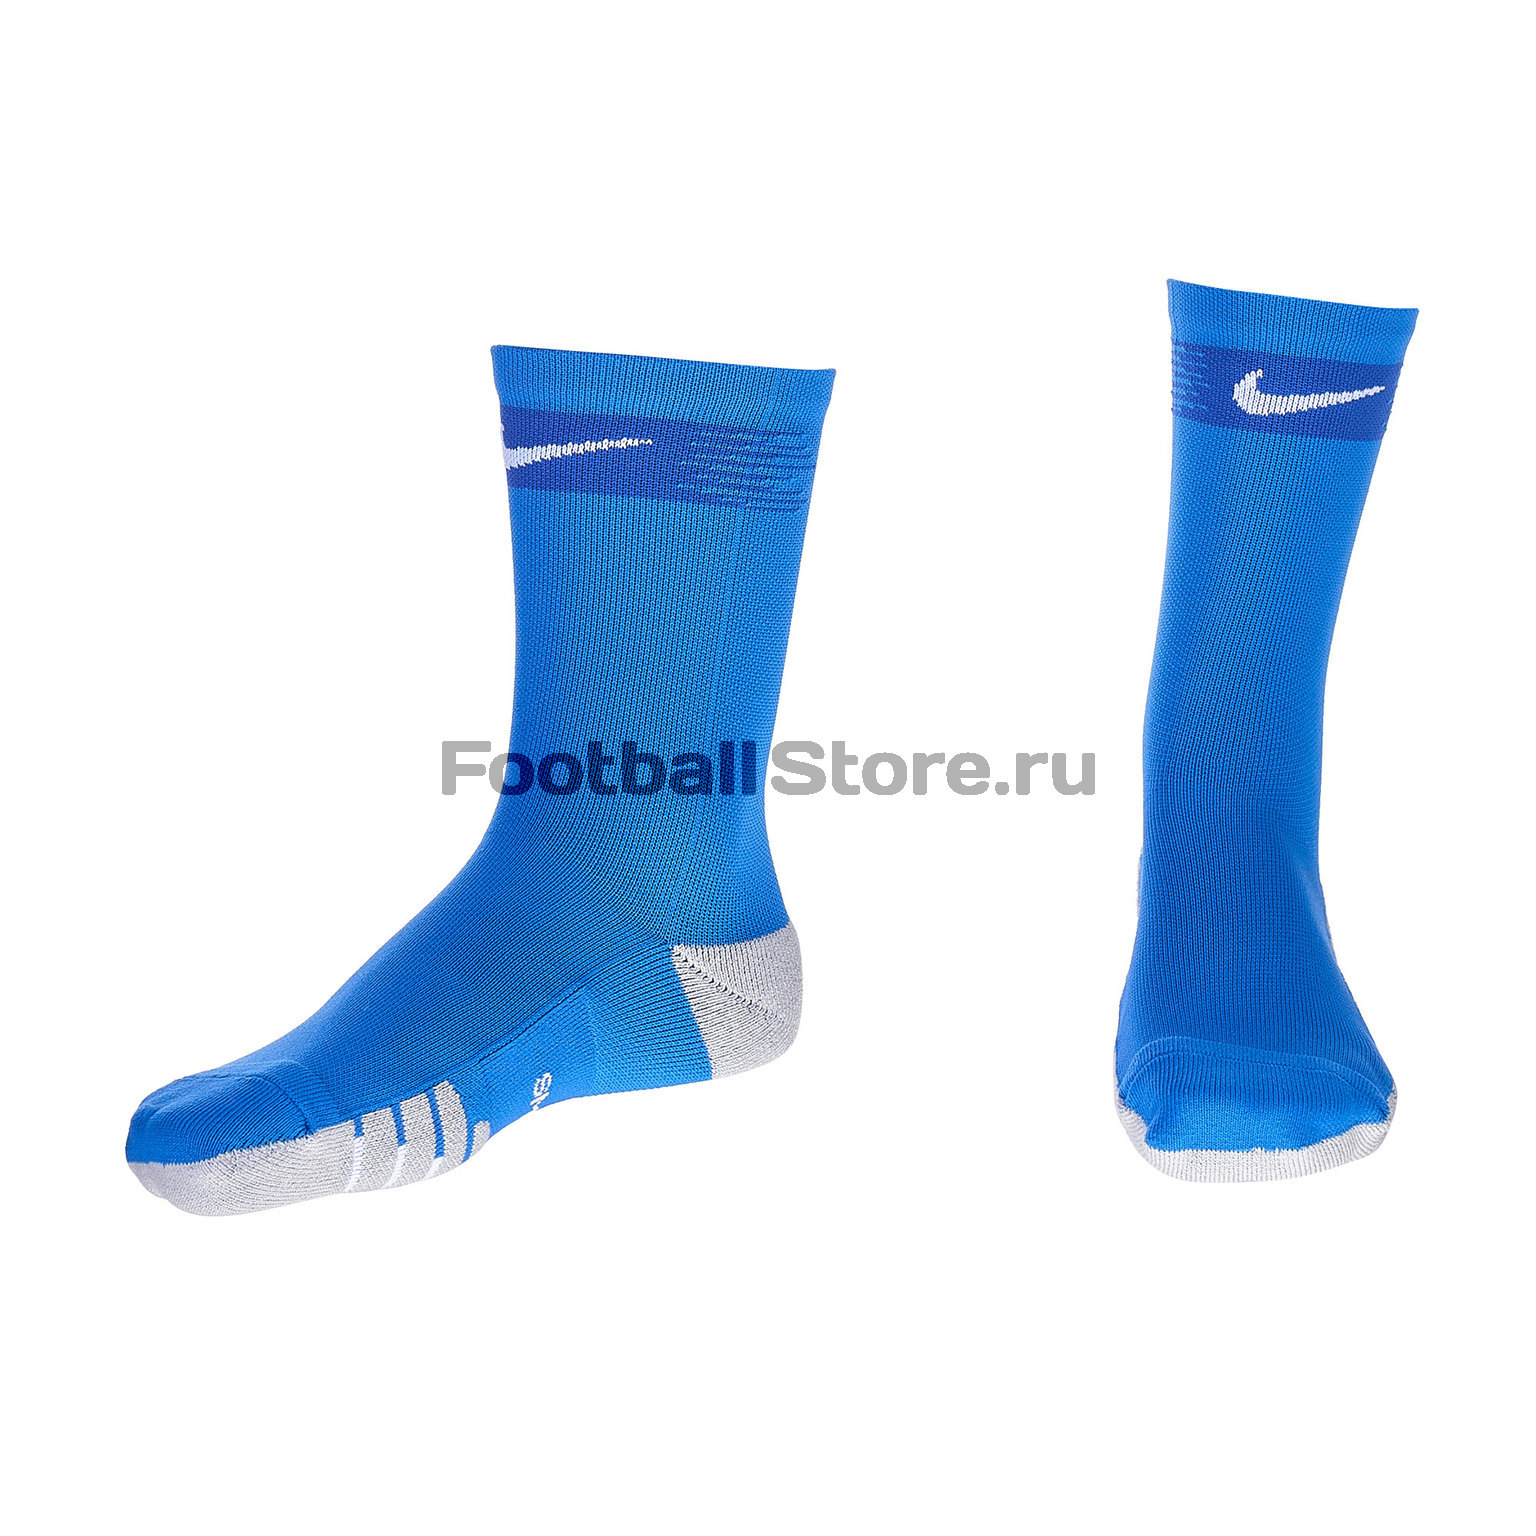 Носки Nike Matchfit Crew-Team SX6835-463